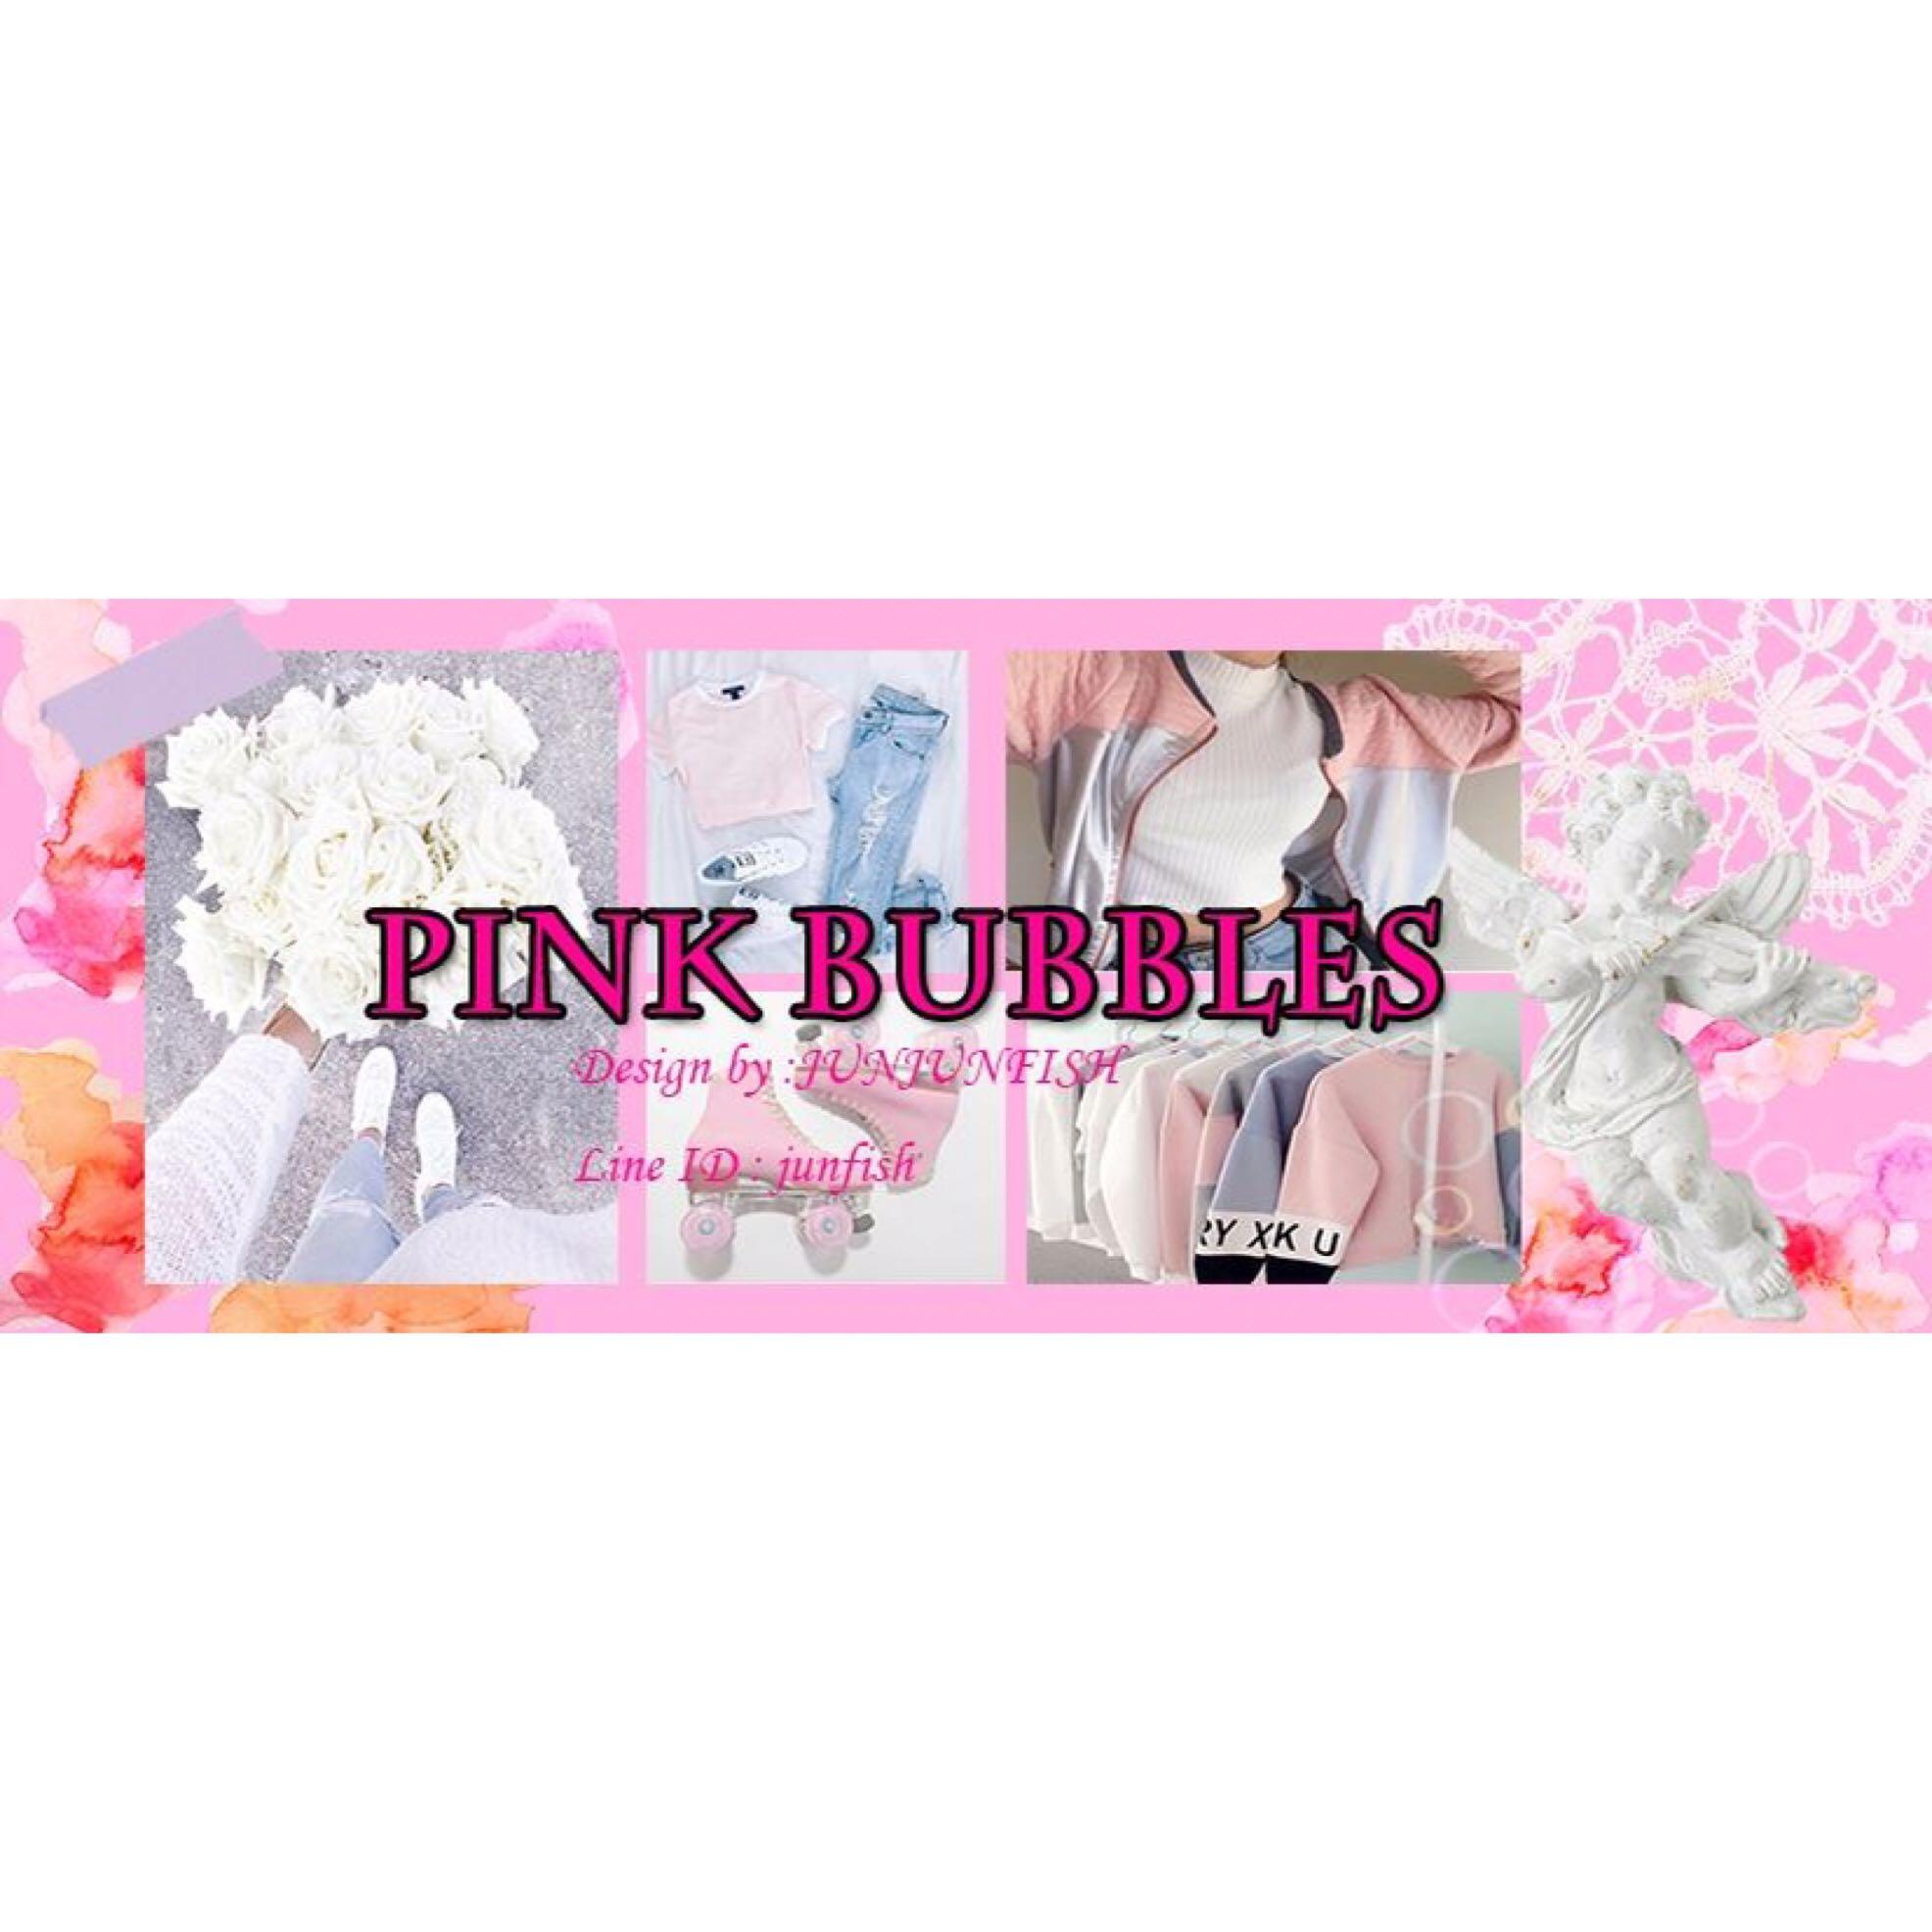 pinkbubblessss